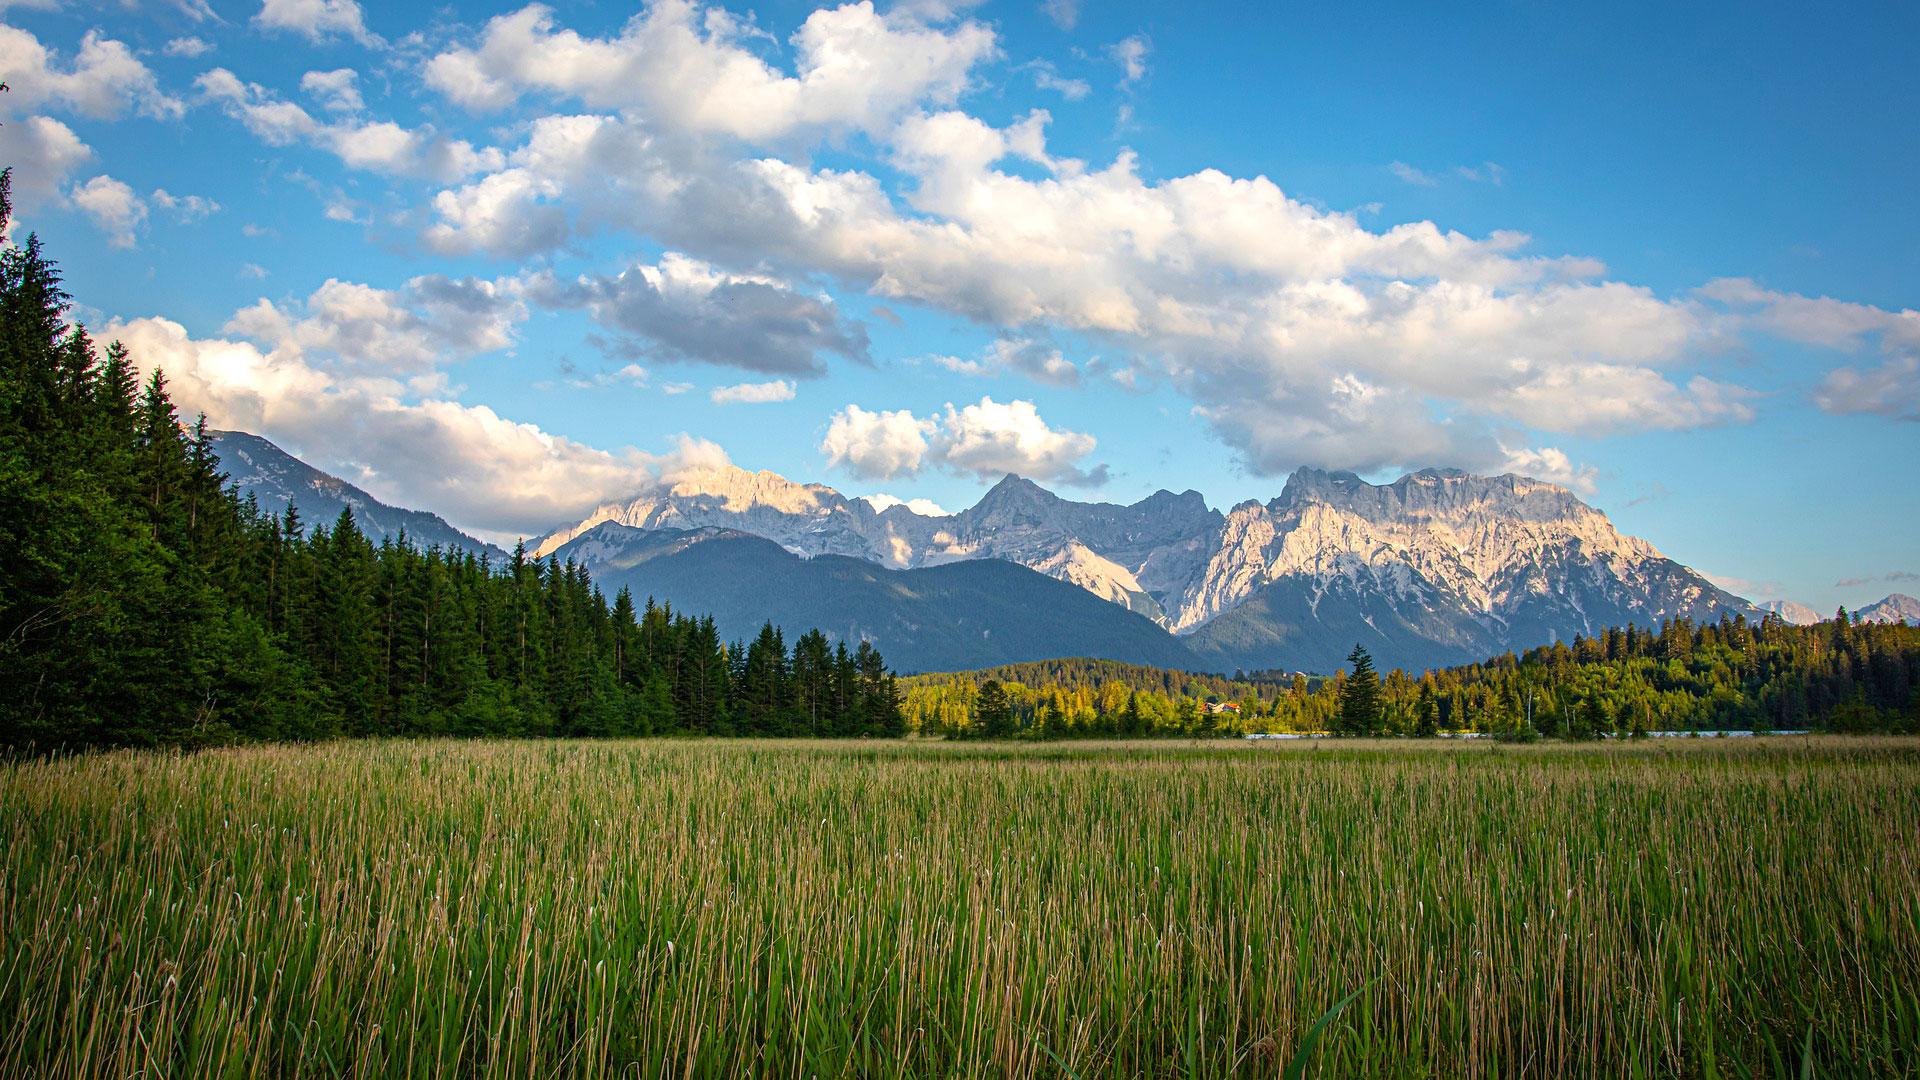 Alpenblick ©pixabay